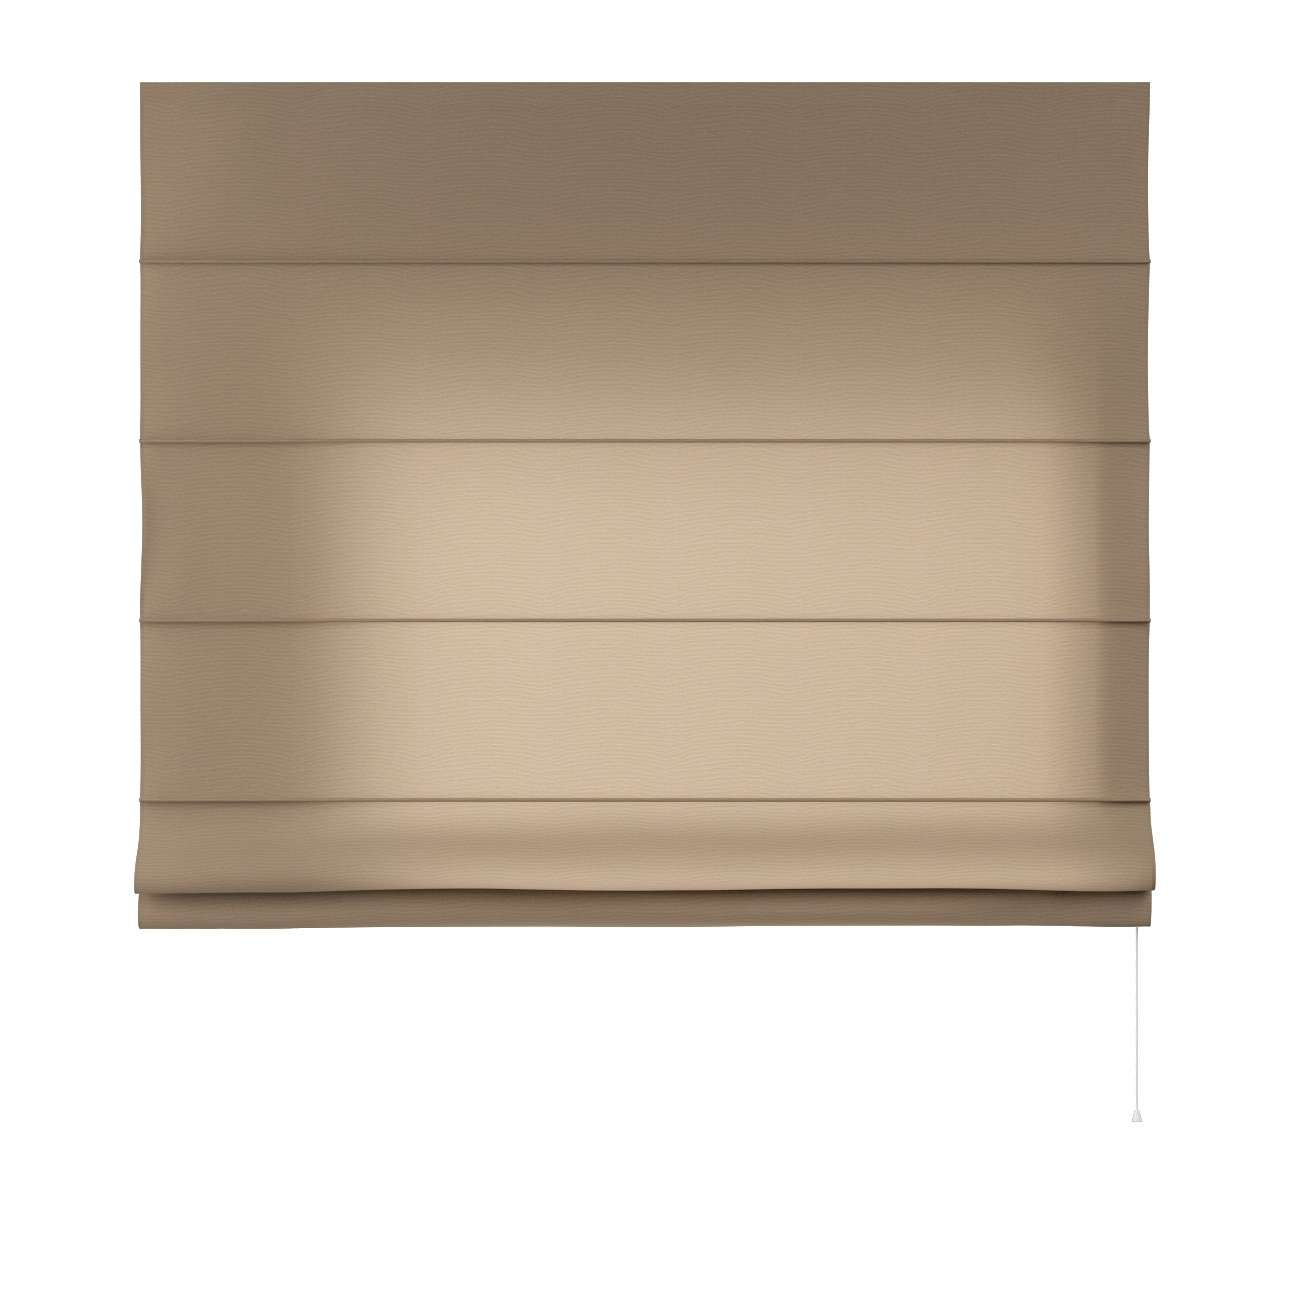 Vouwgordijn Capri 80 × 170 cm van de collectie Quadro, Stof: 136-09